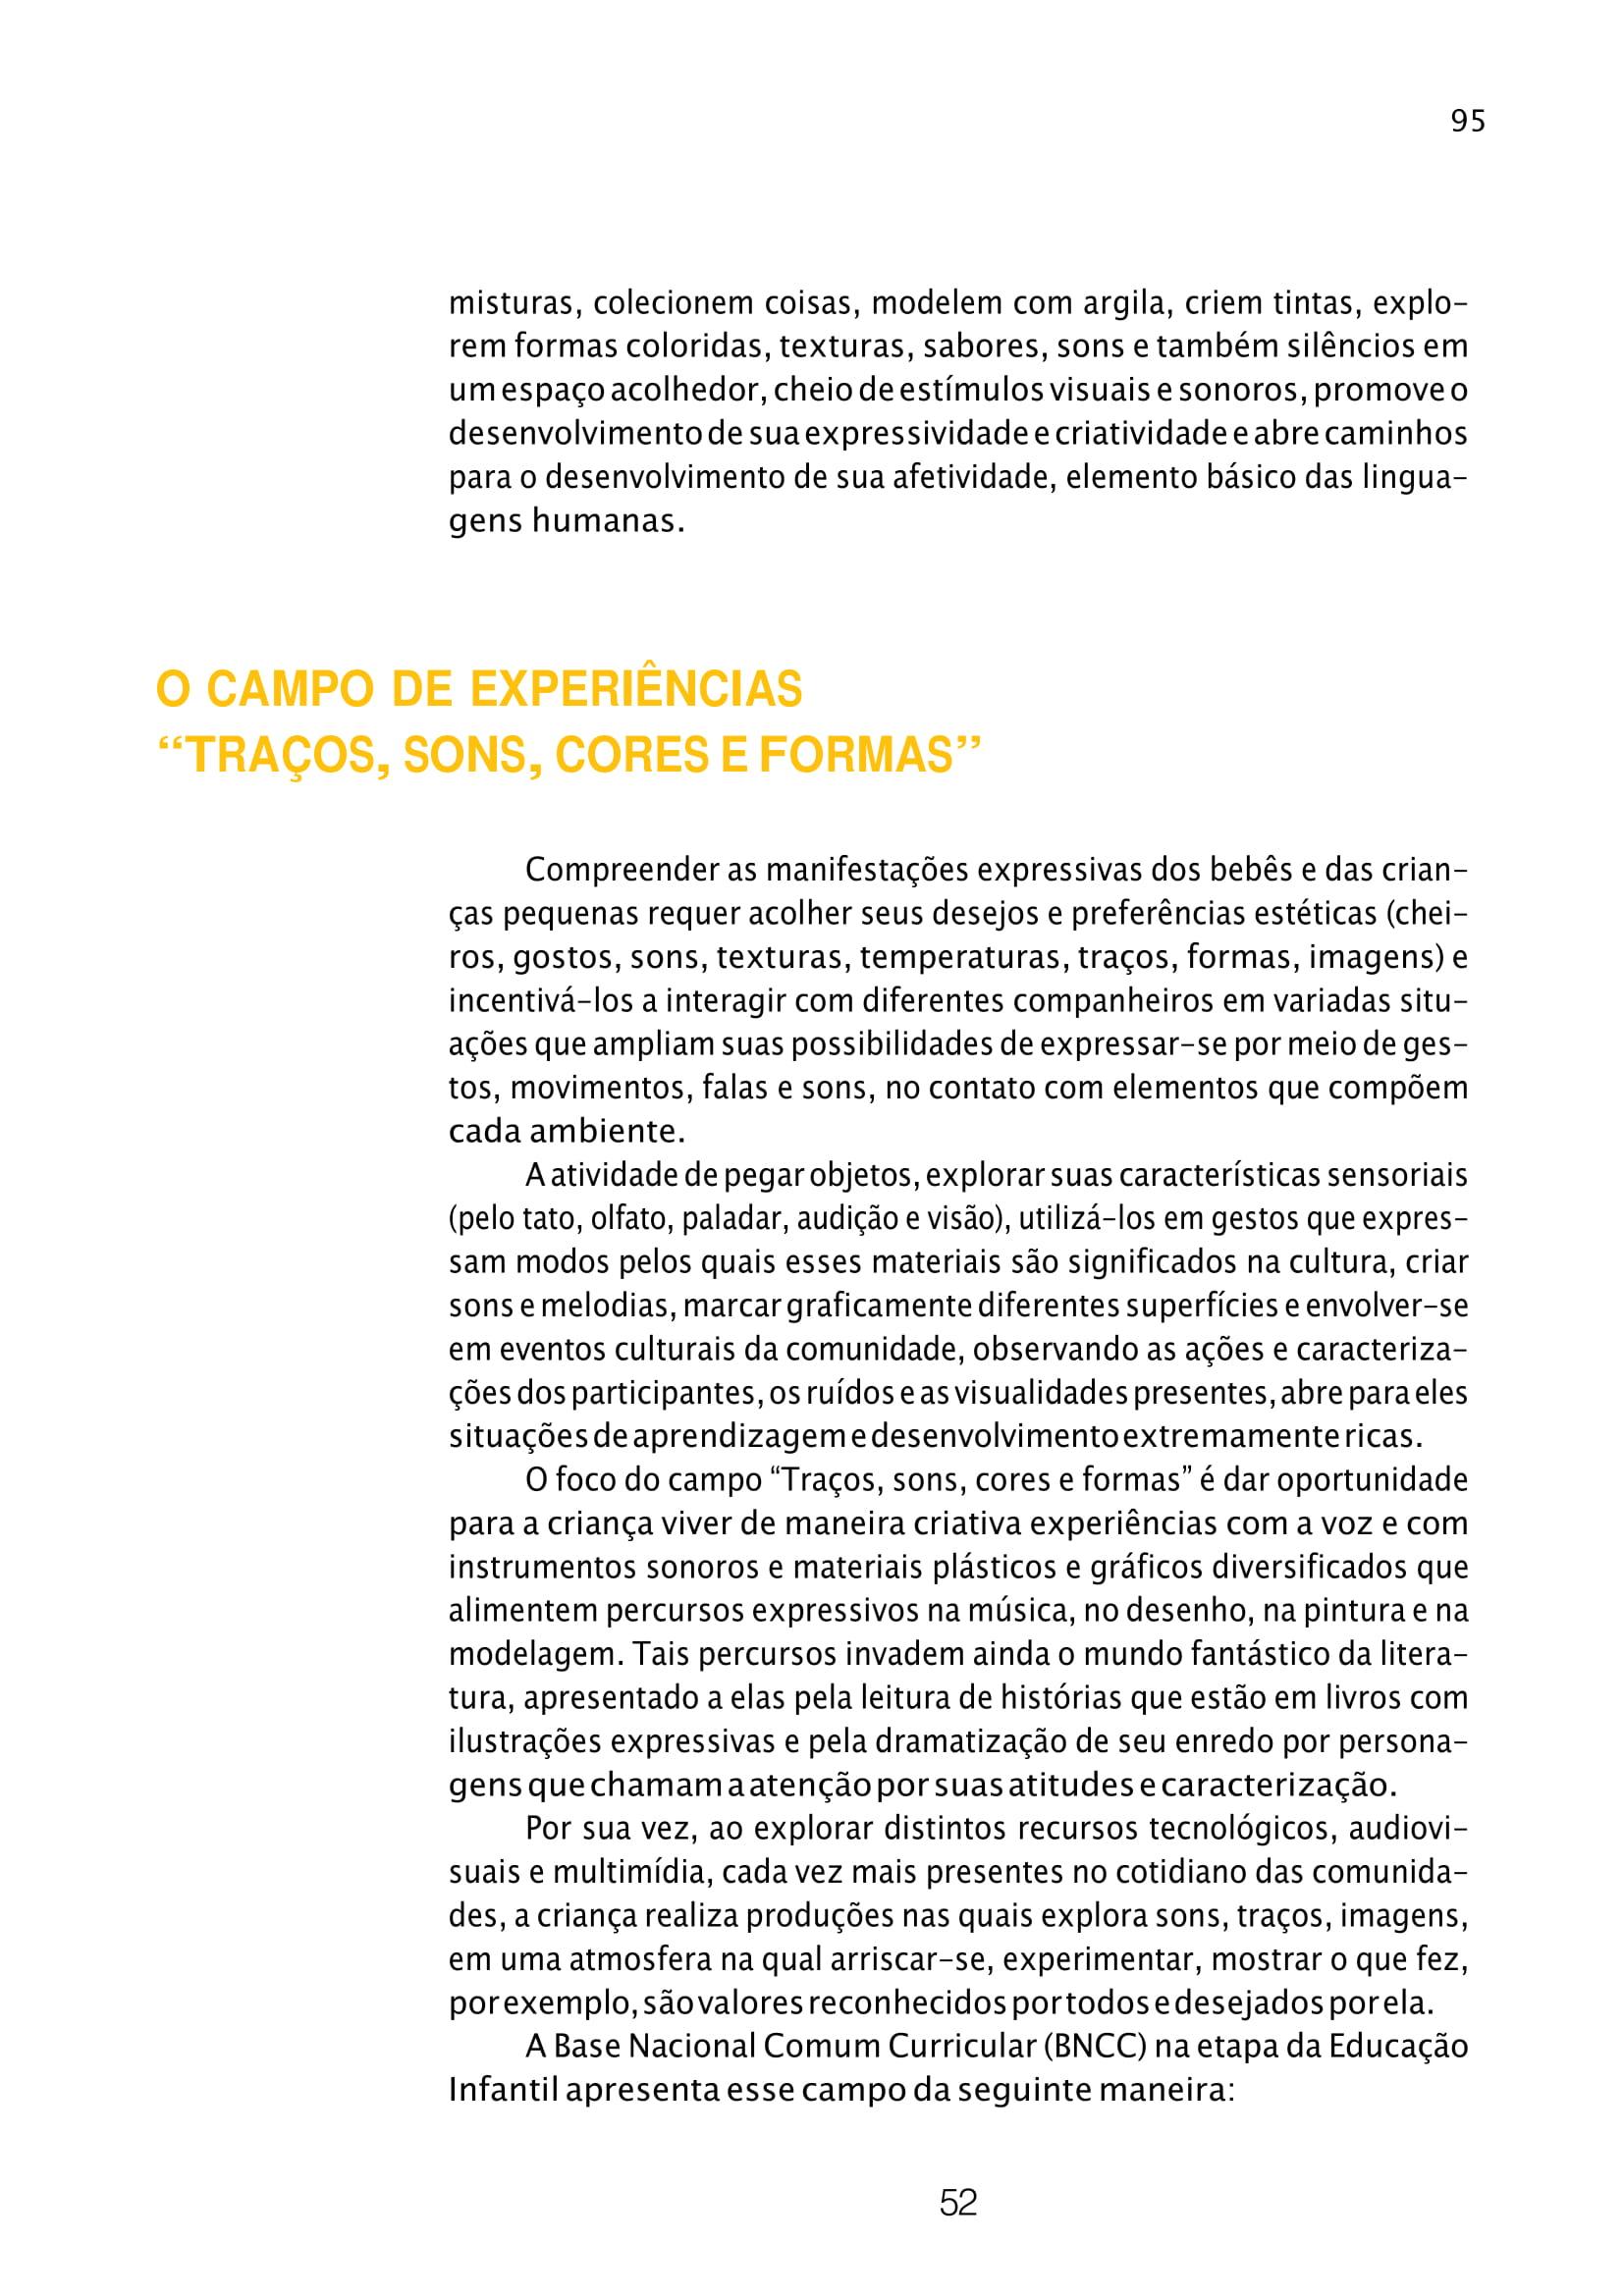 planejamento-educação-infantil-bncc-geral-125